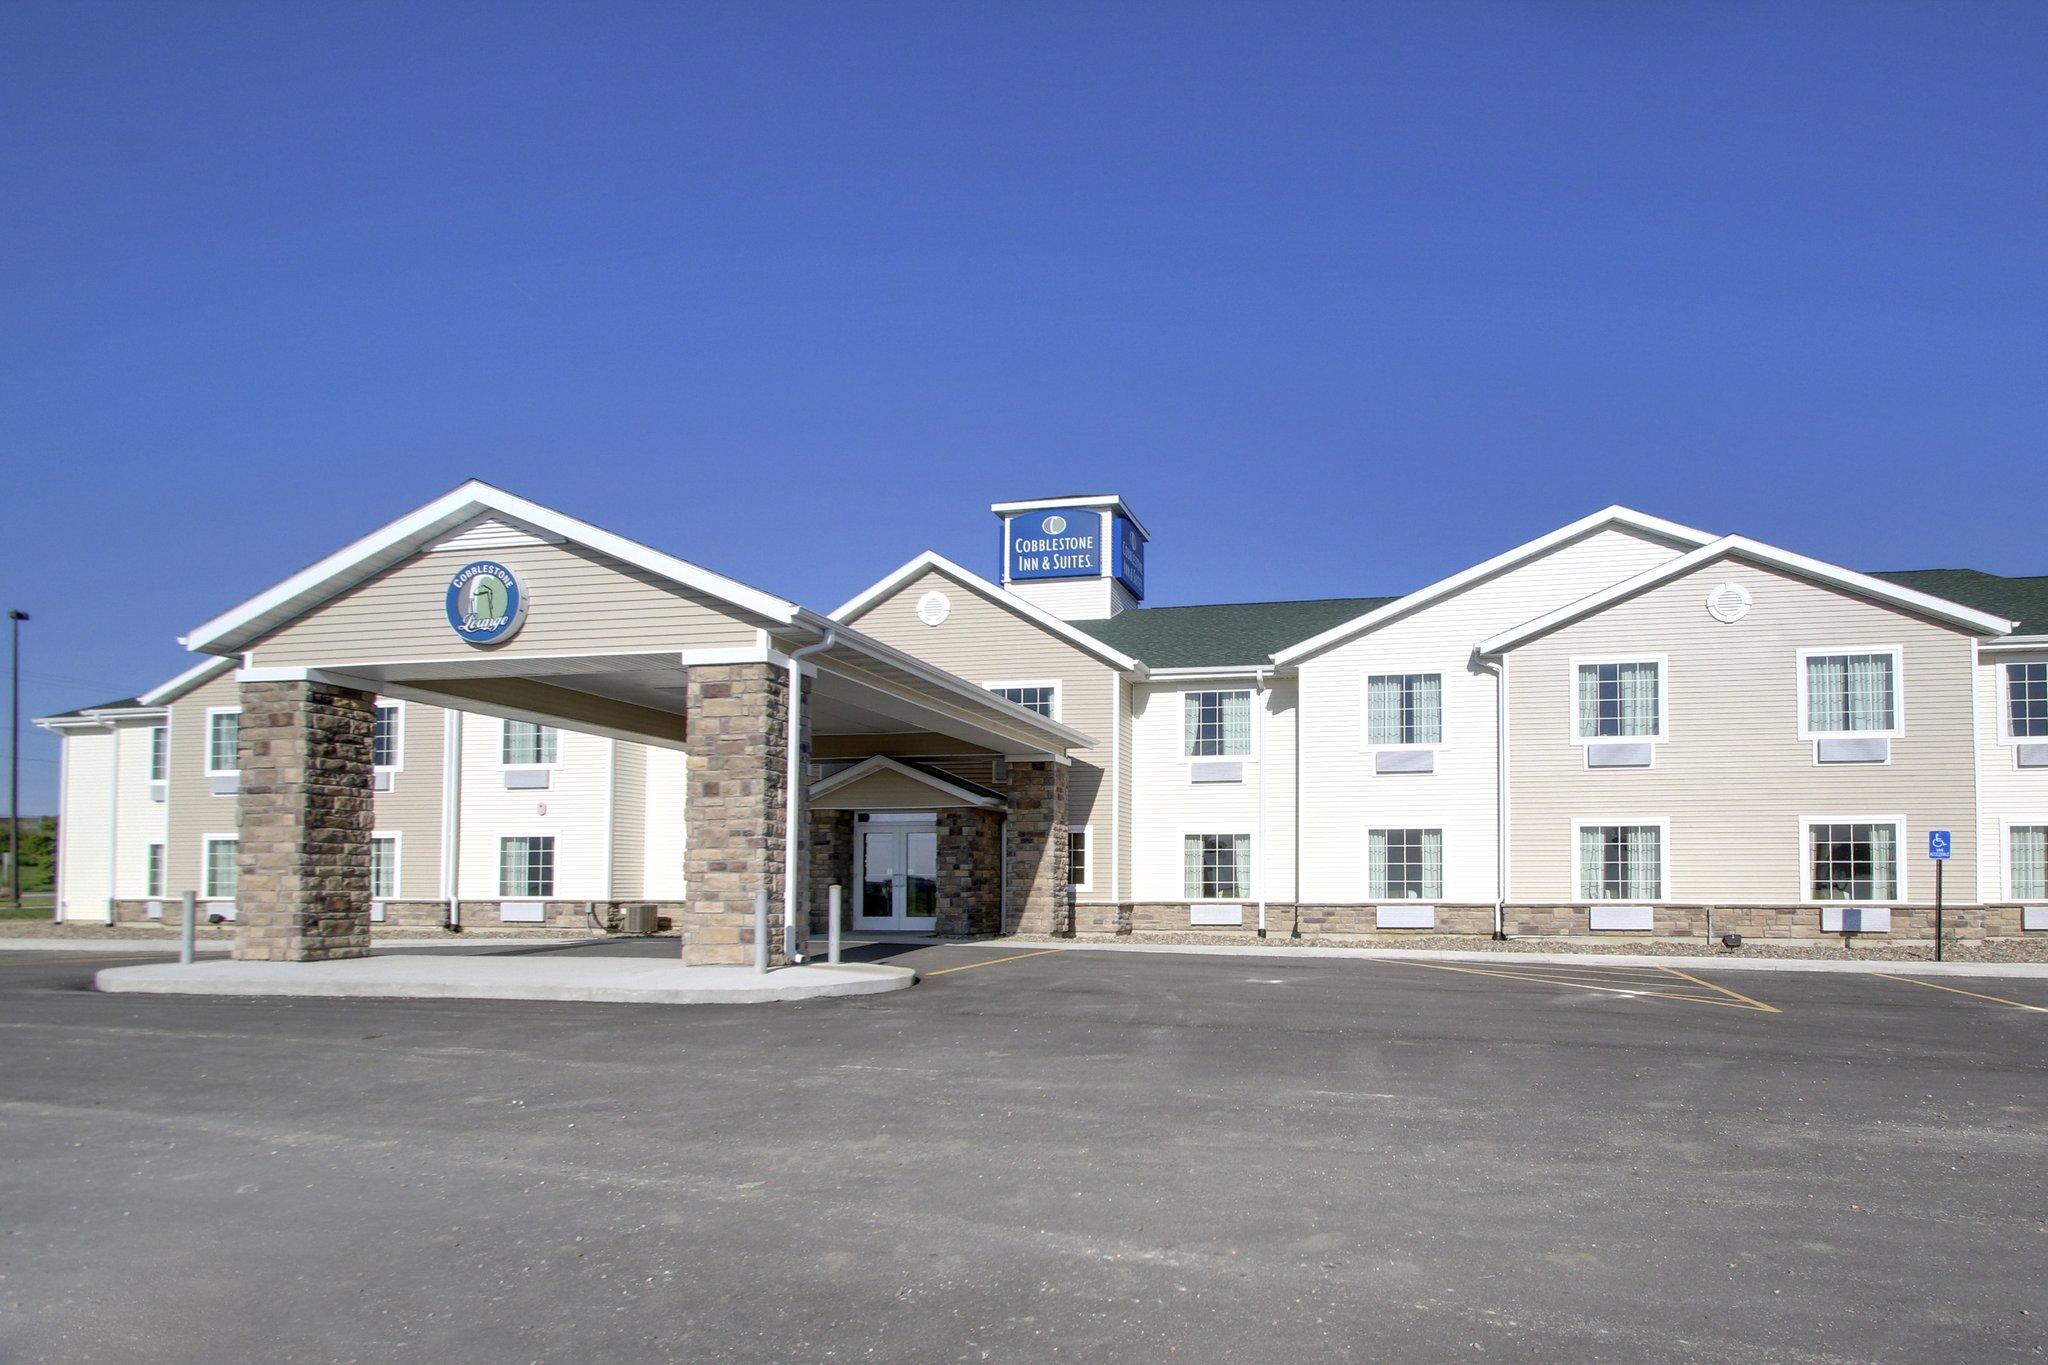 Avoca, IA - Cobblestone Inn & Suites